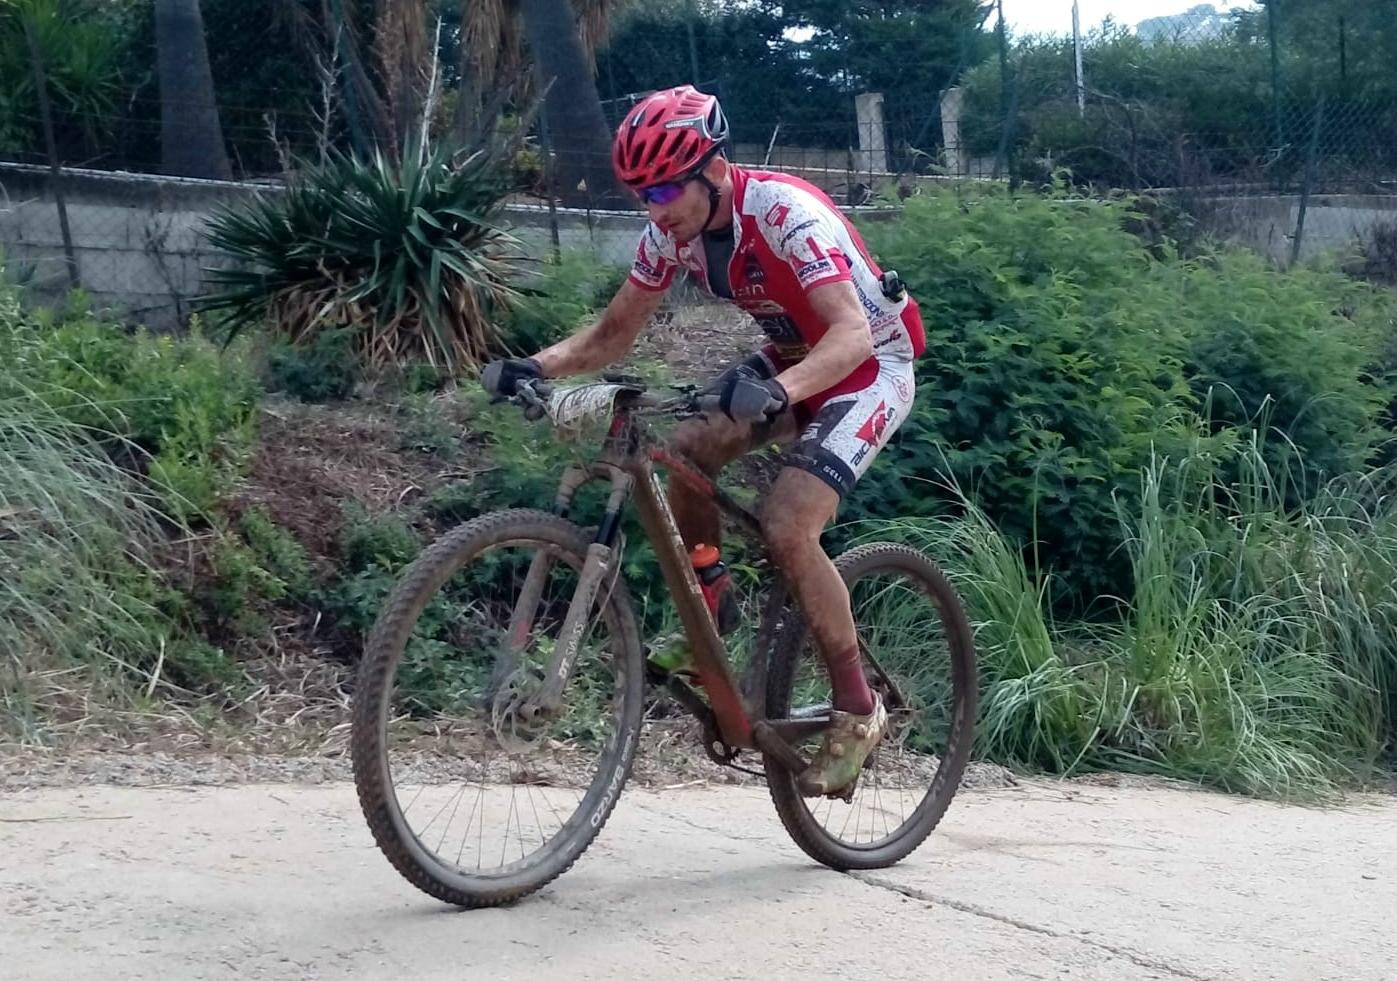 Giuseppe Conca disputa un'ottima Roc d'Azur. Il biker di Airuno conclude in 77ª posizione